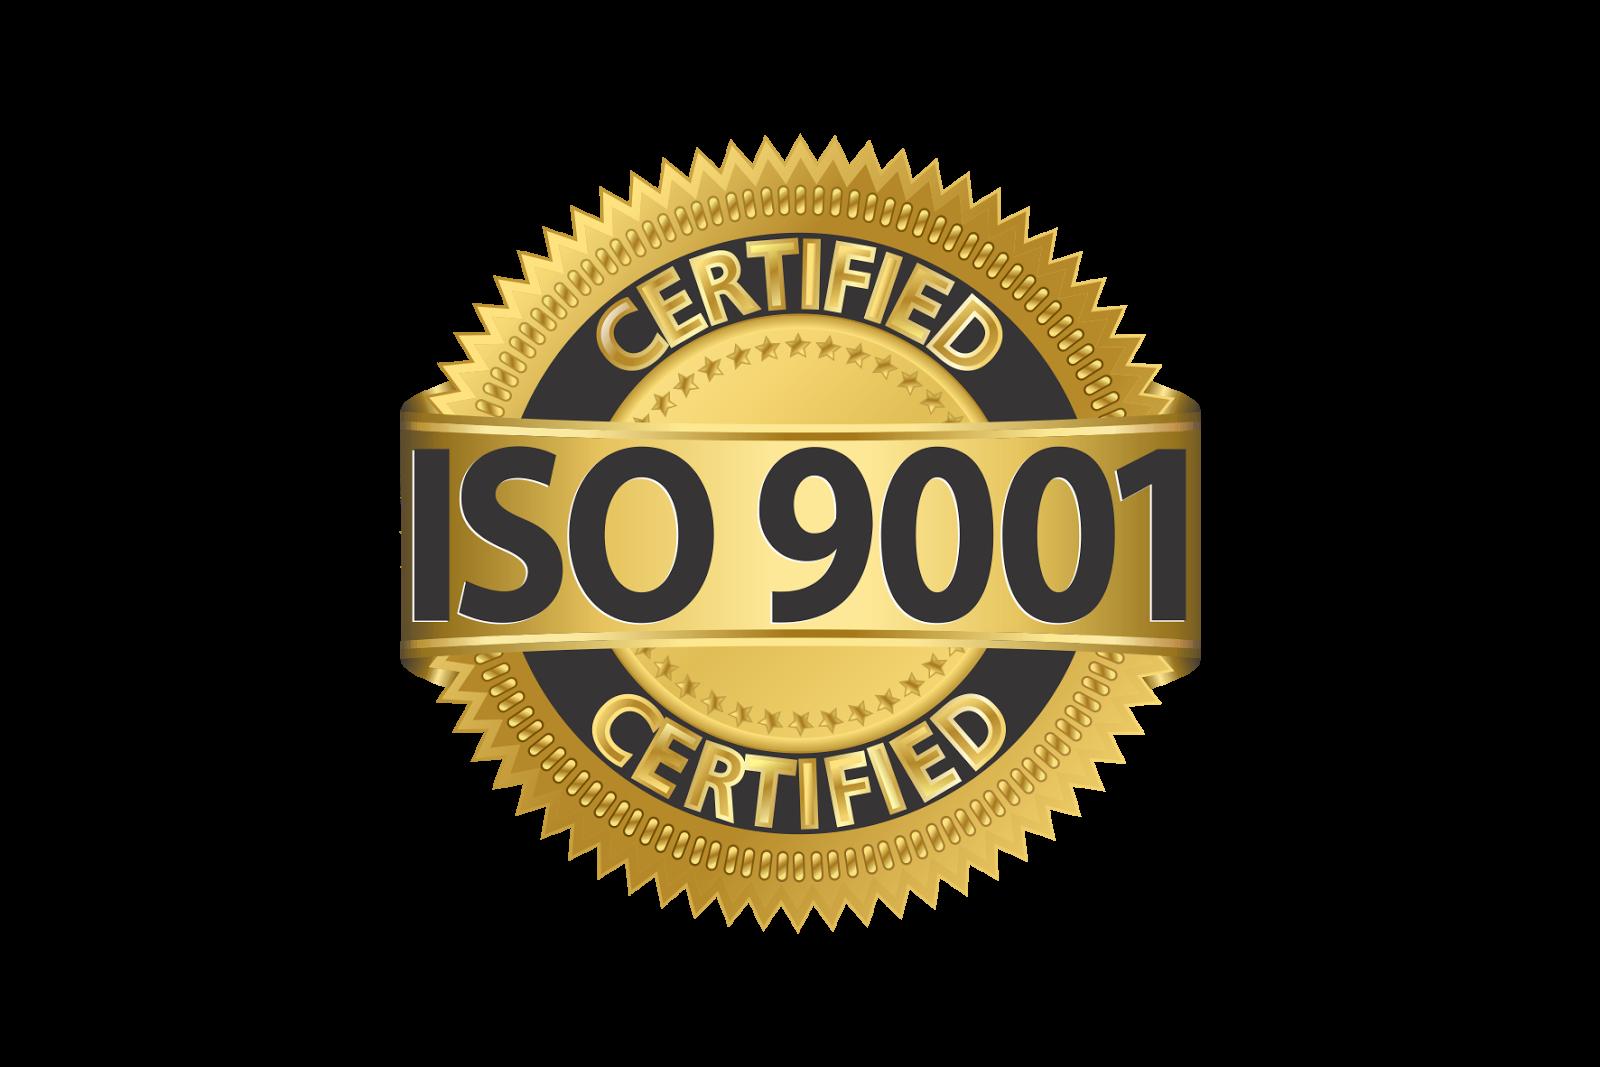 ИСО 9001 – 8 000 руб.